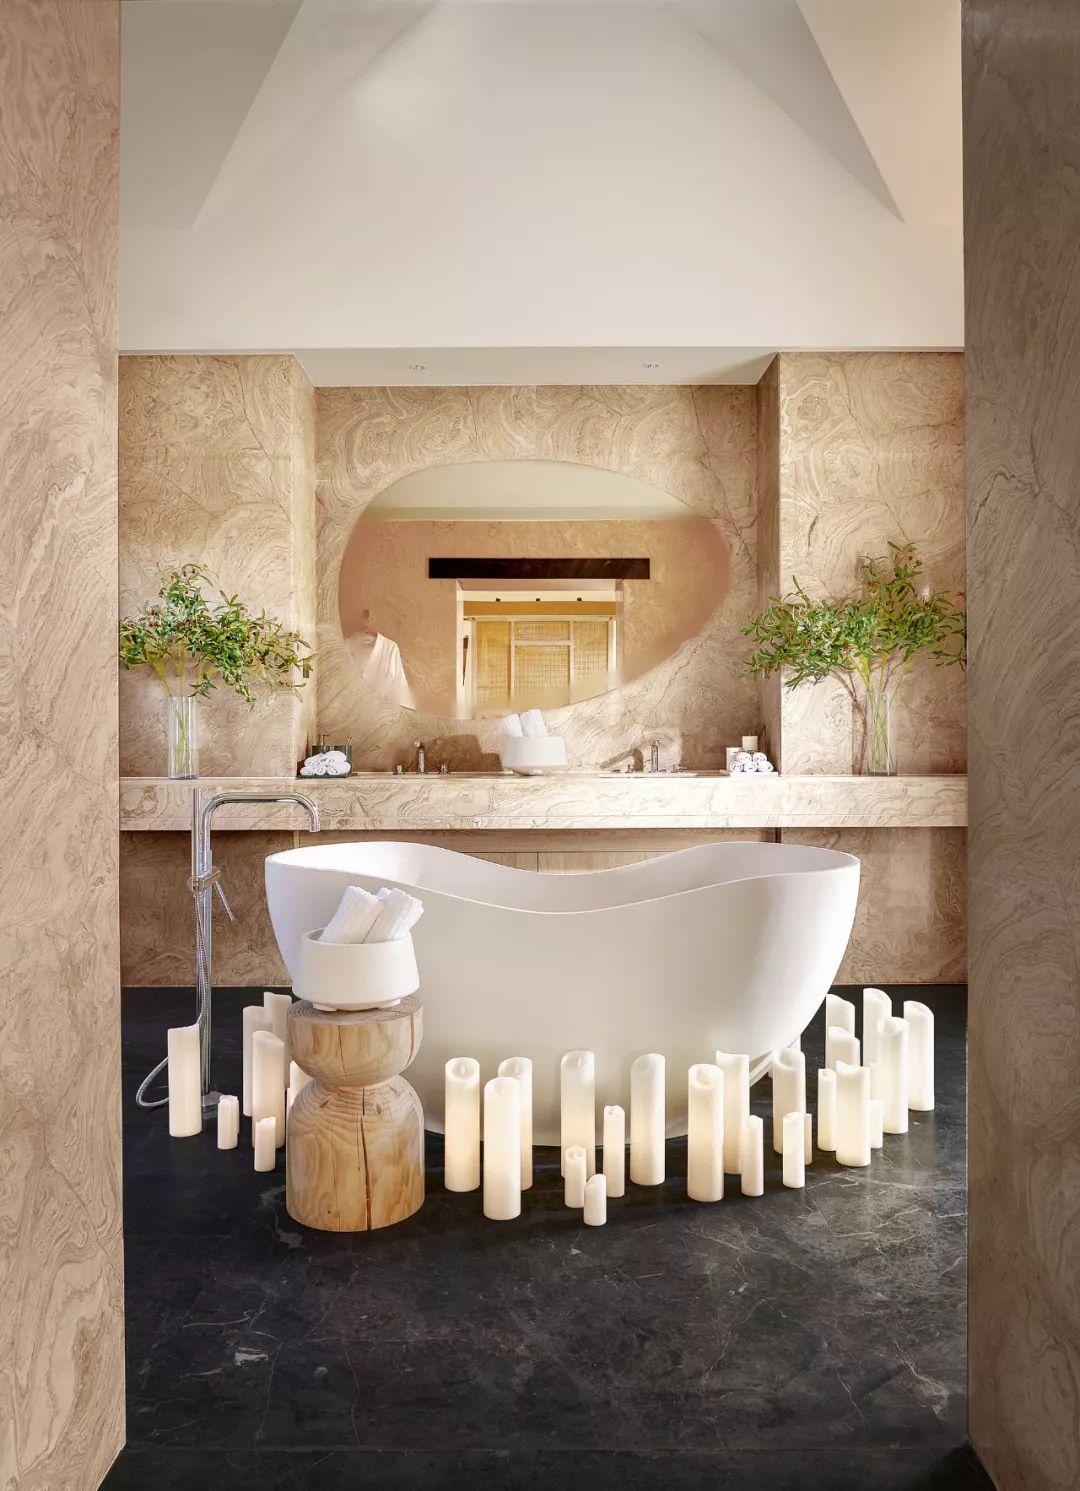 520㎡ 顶级别墅设计,打造朴质的室内气质!  - 24